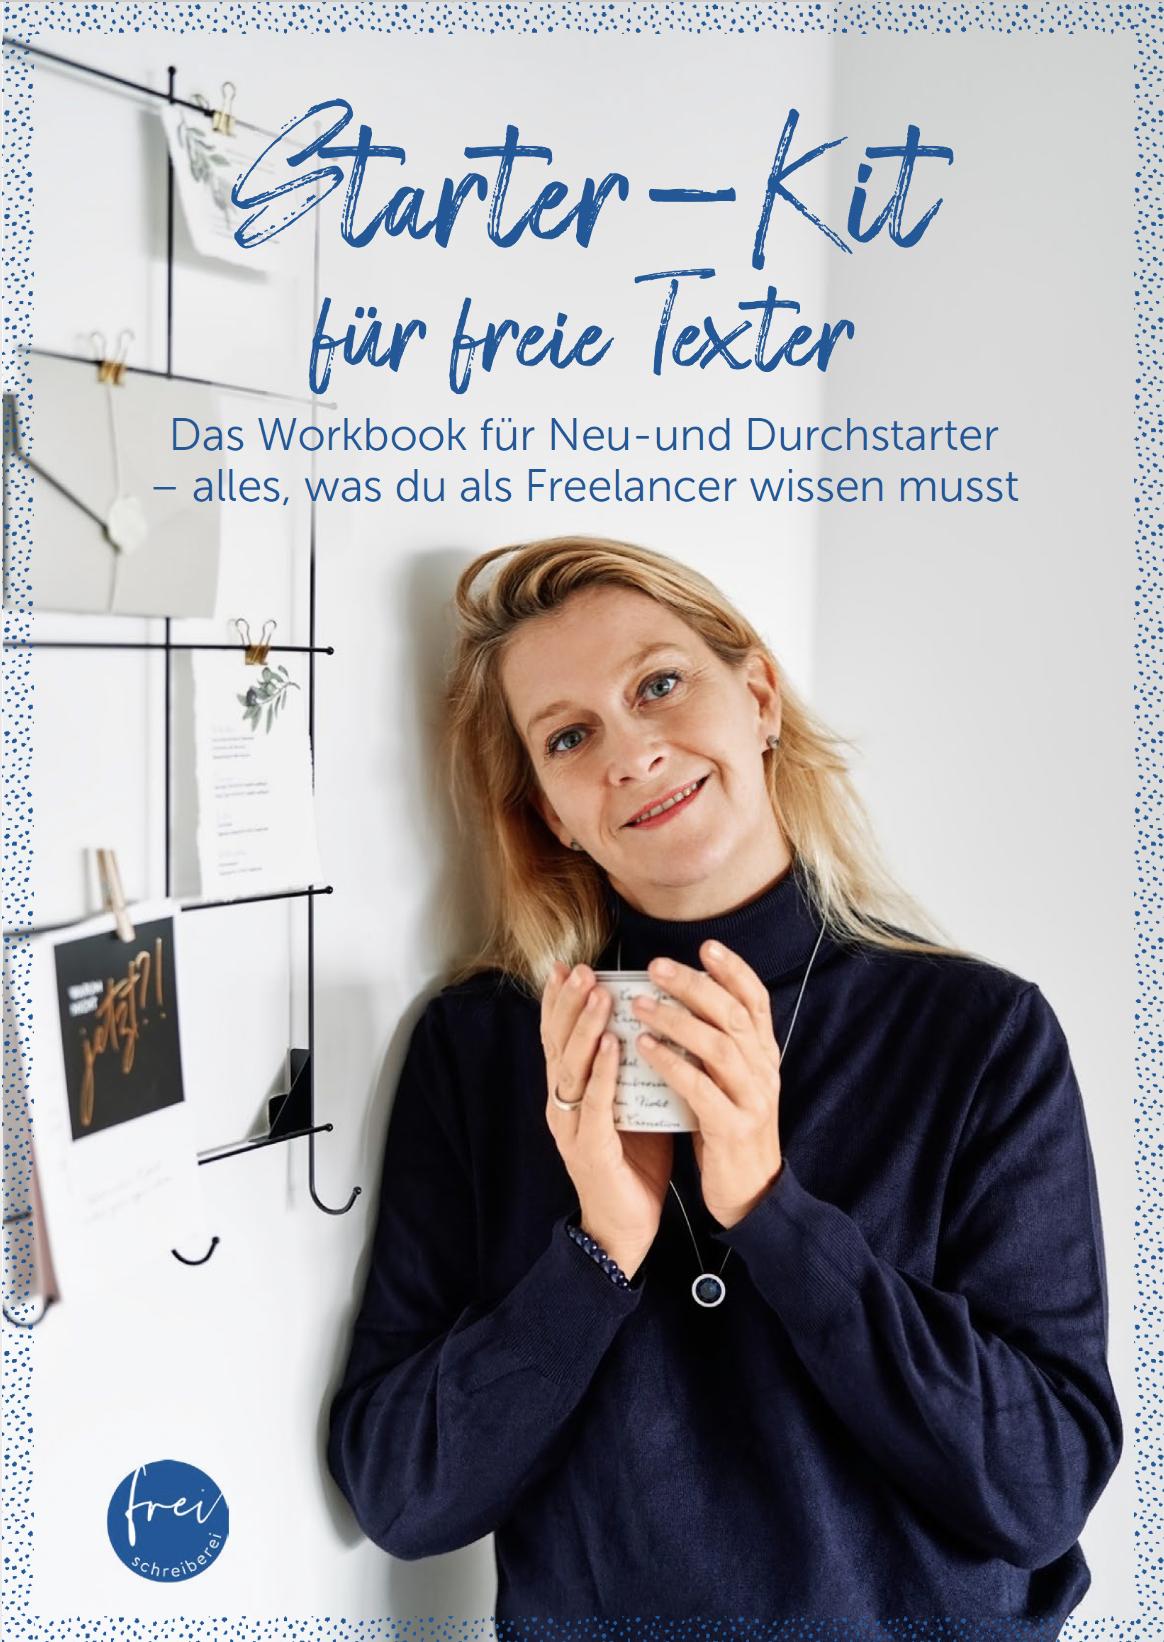 freischreiberei-starter-kit-fuer-freie-texter